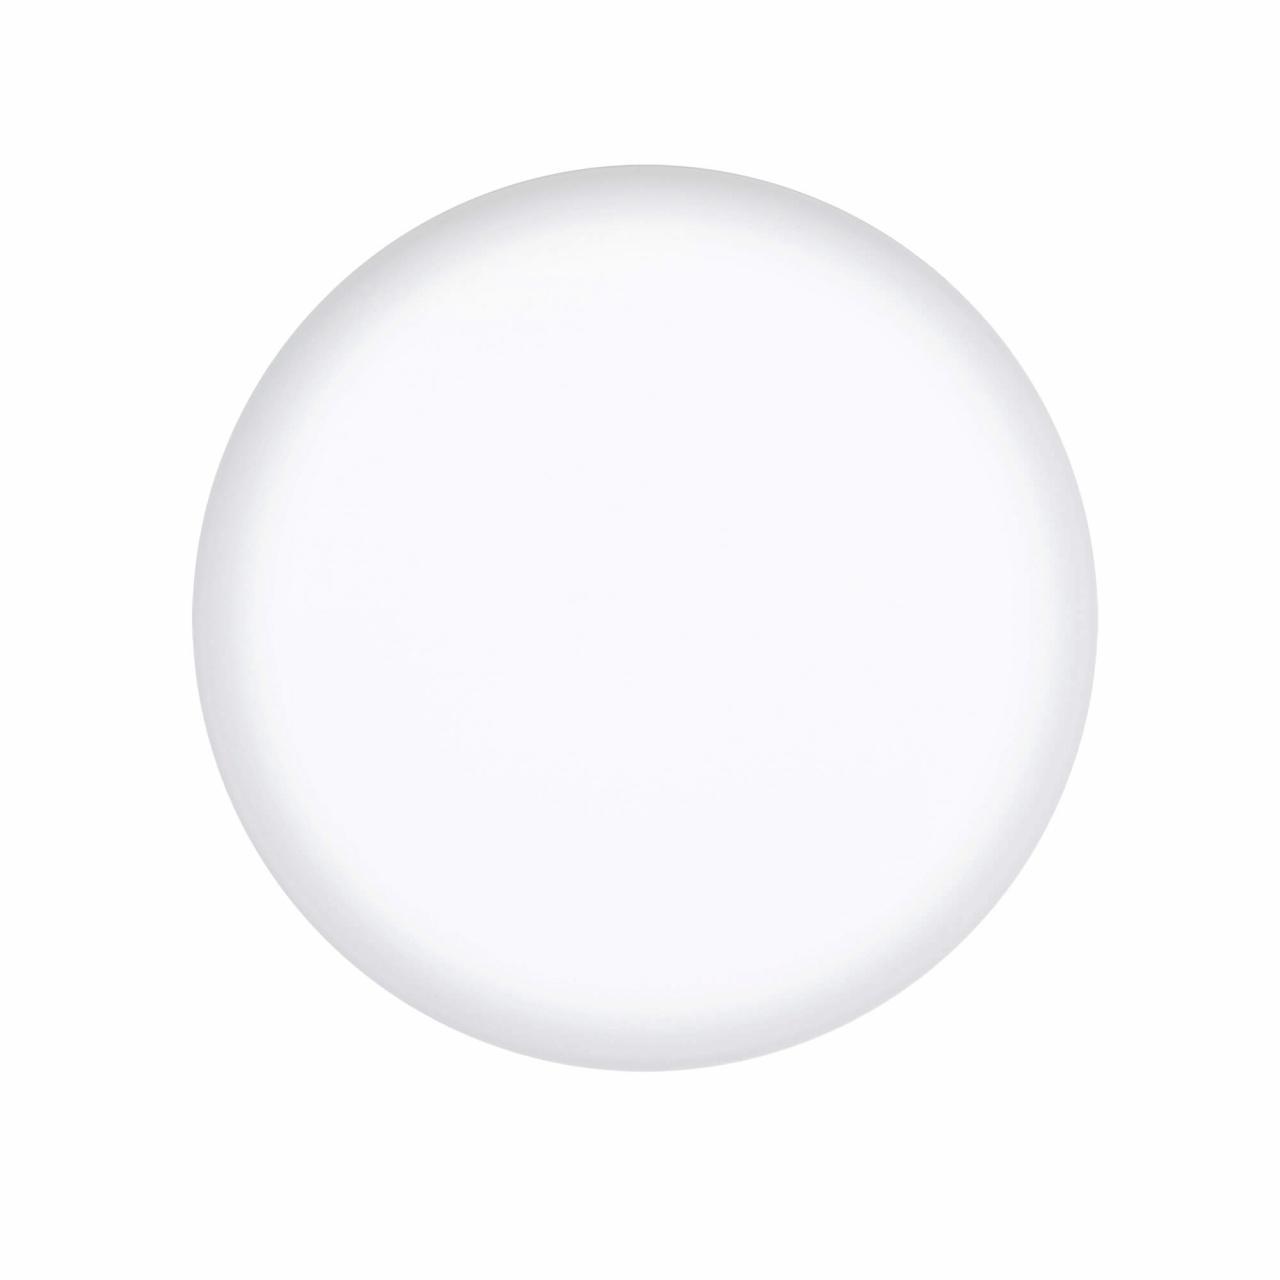 цена на Лампочка Uniel LED-GX53-7W/3000K+3000K/GX53/FR PLB02WH LED-GX53